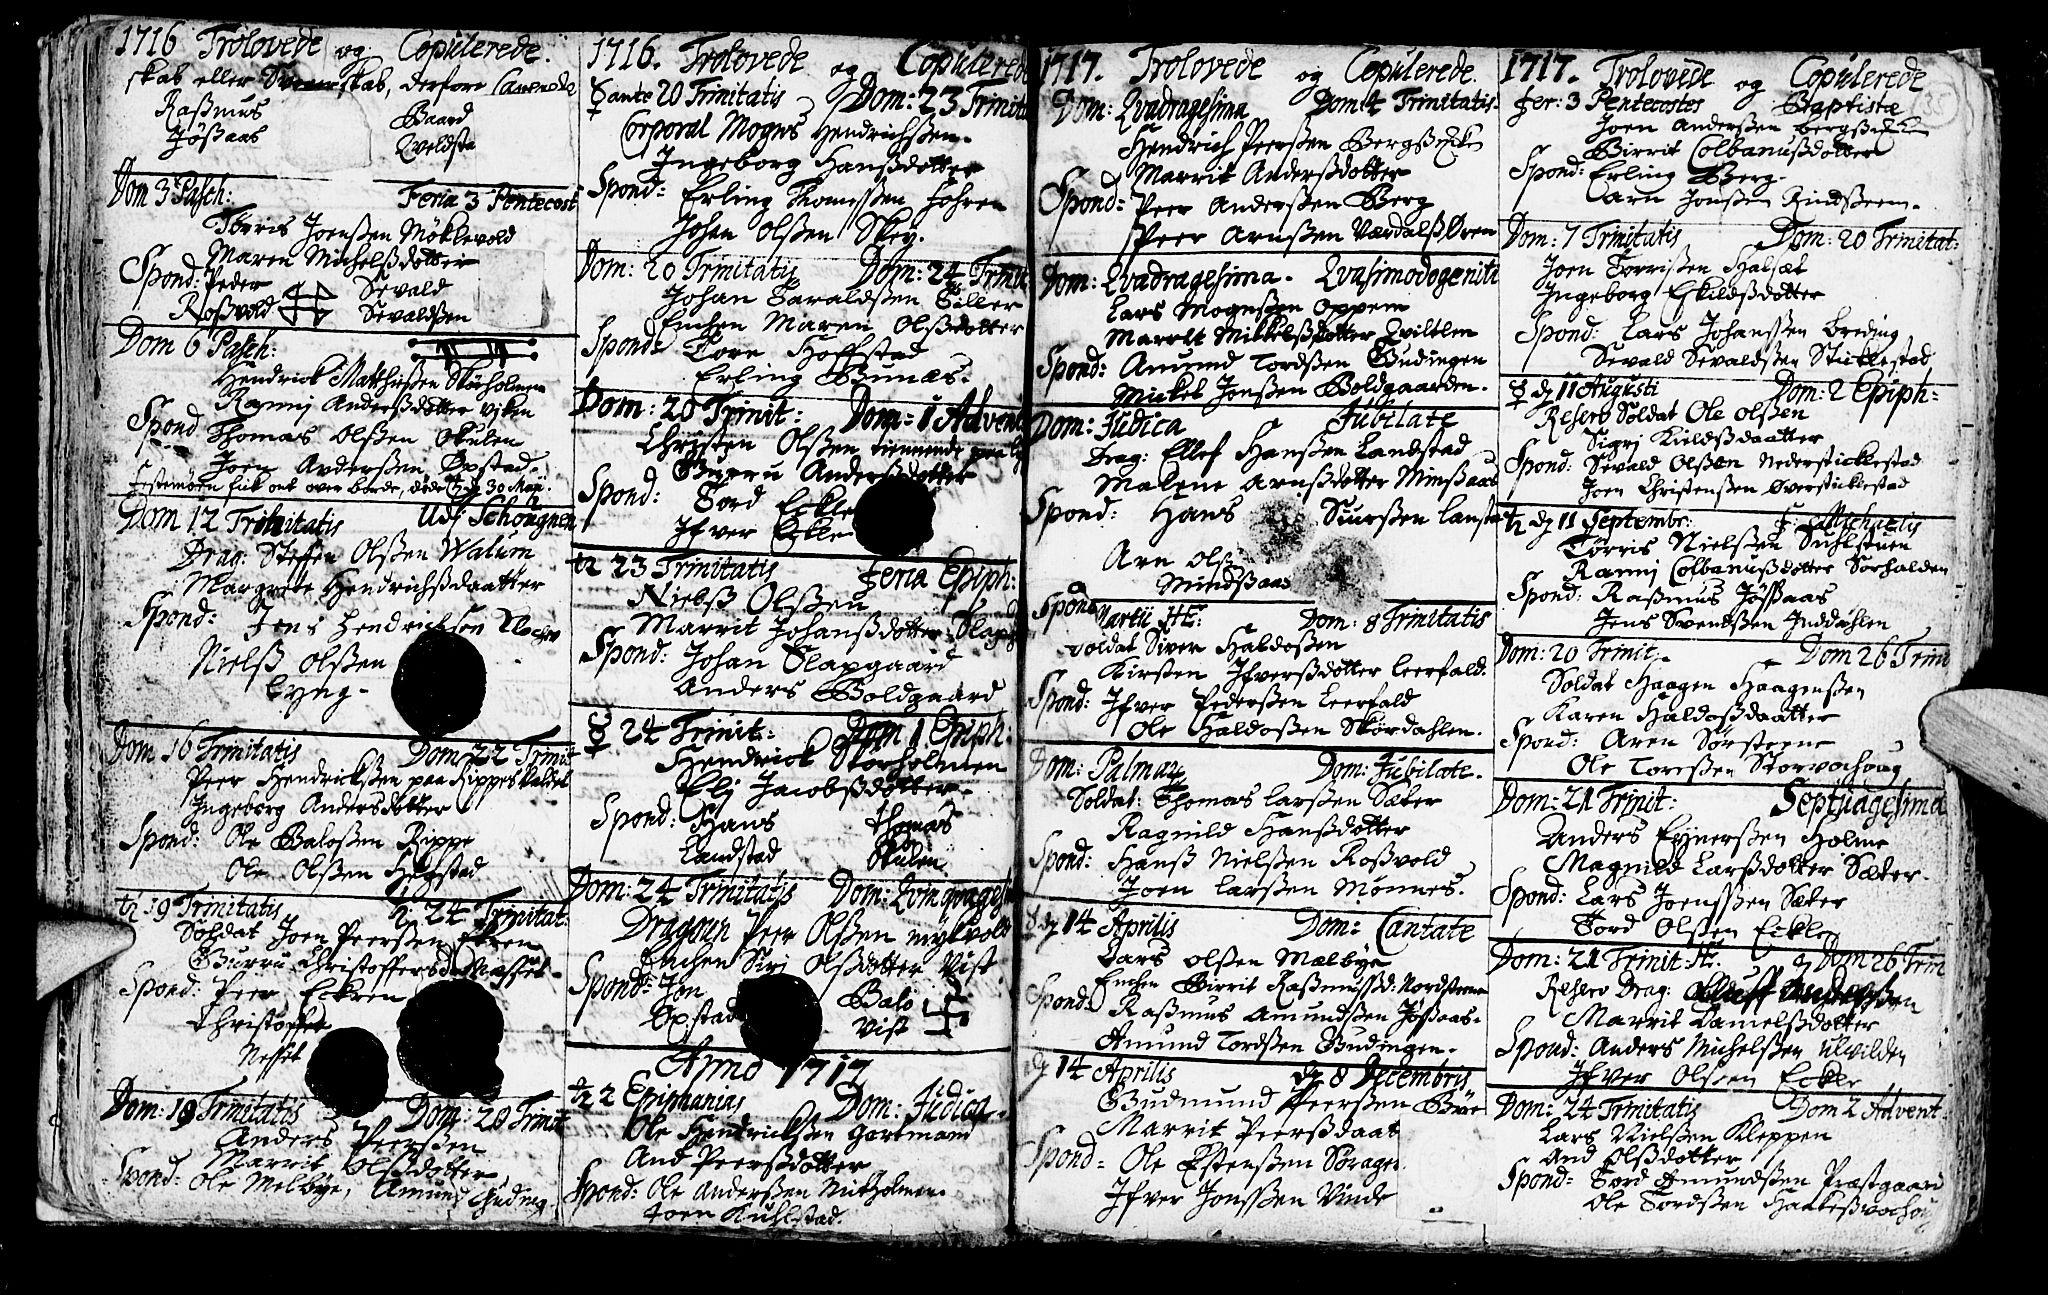 SAT, Ministerialprotokoller, klokkerbøker og fødselsregistre - Nord-Trøndelag, 723/L0230: Ministerialbok nr. 723A01, 1705-1747, s. 35